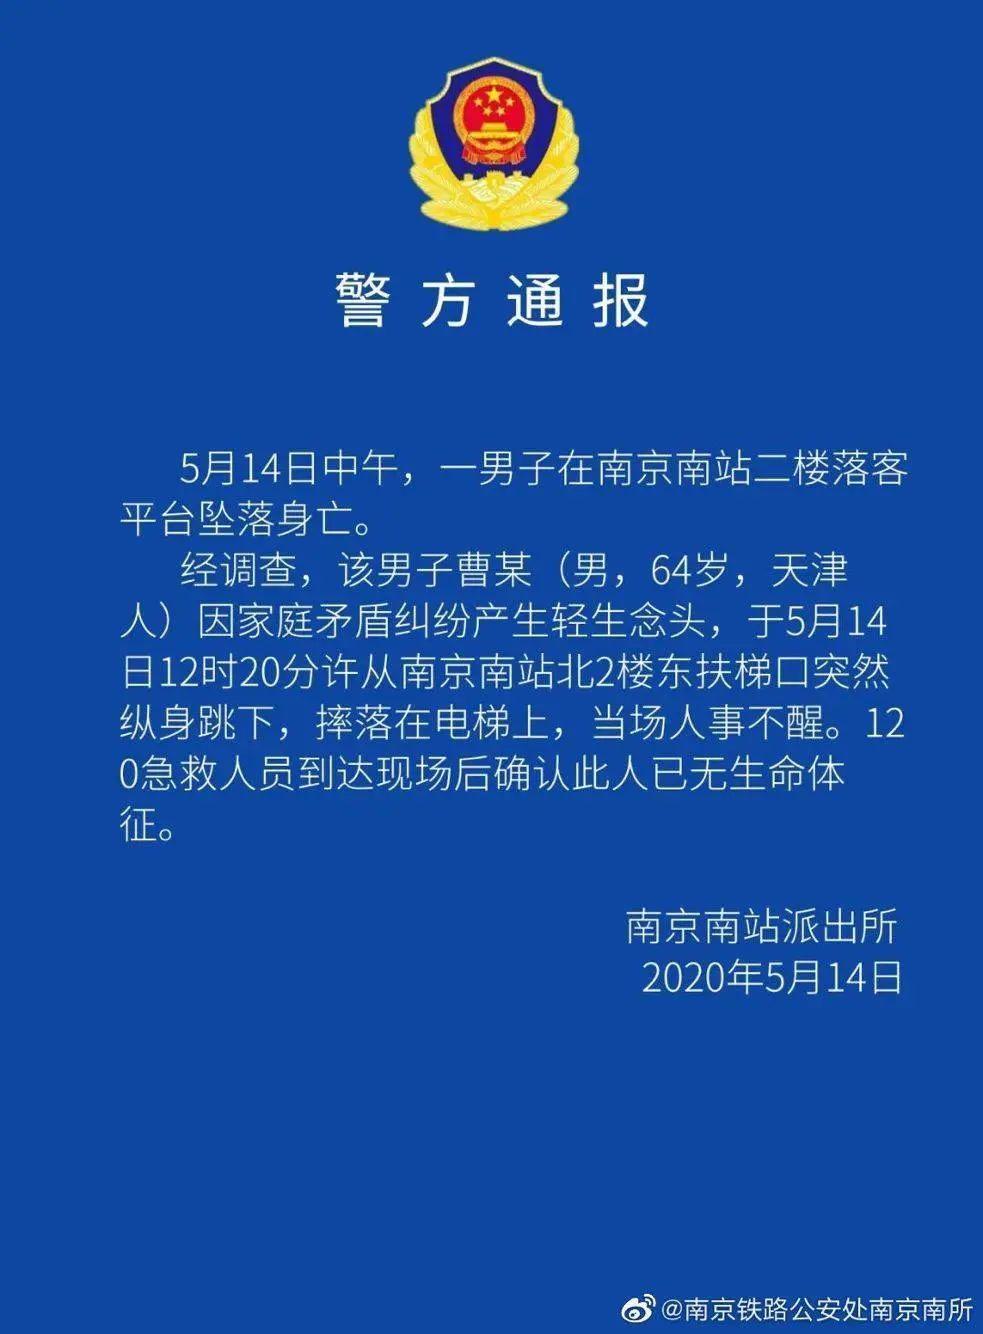 南京南站一男子坠落电梯身亡 警方通报